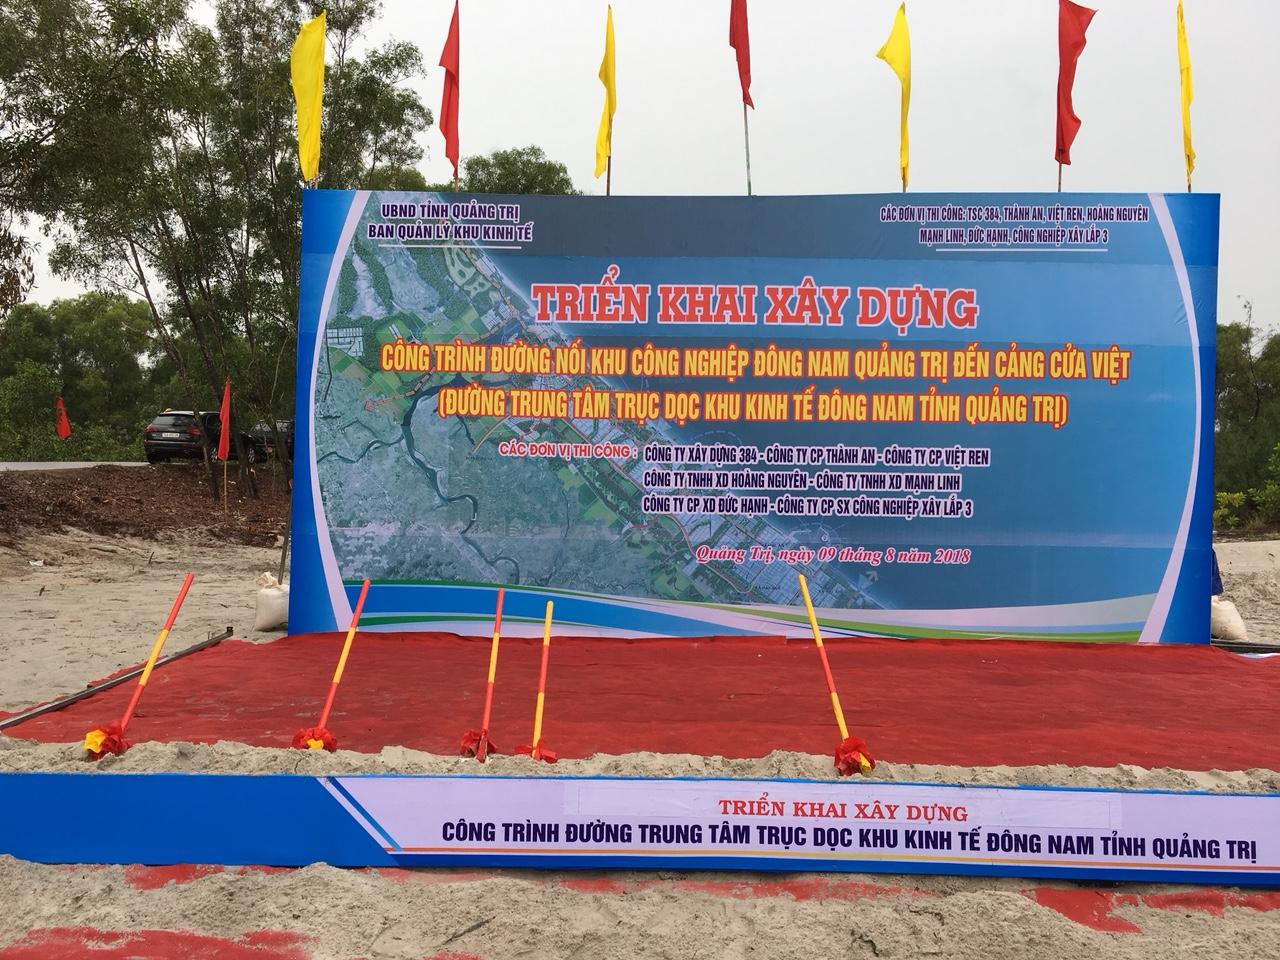 Khởi công xây dựng đường trung tâm dọc khu kinh tế Đông Nam tỉnh Quảng Trị